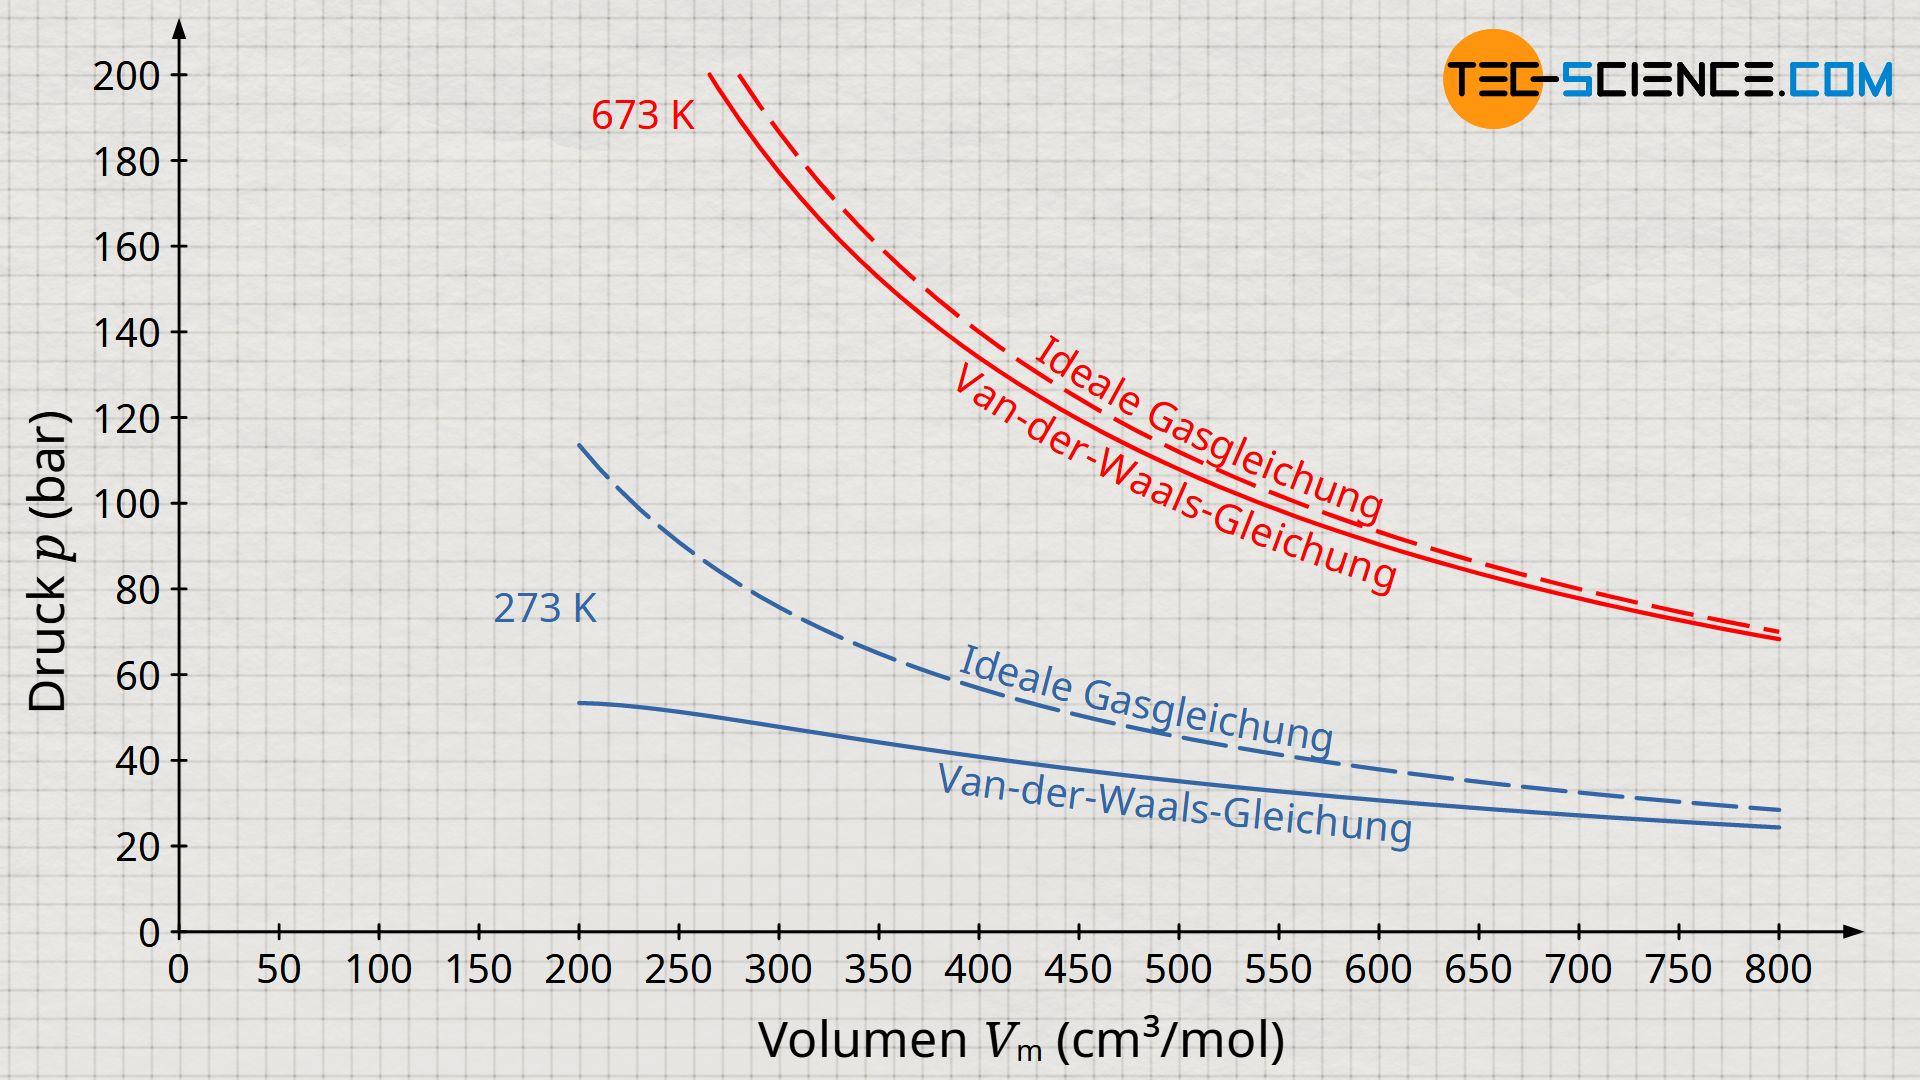 Vergleich des idealen Gasgesetztes und der Van-der-Waals-Gleichung am Beispiel von Kohlenstoffdioxid